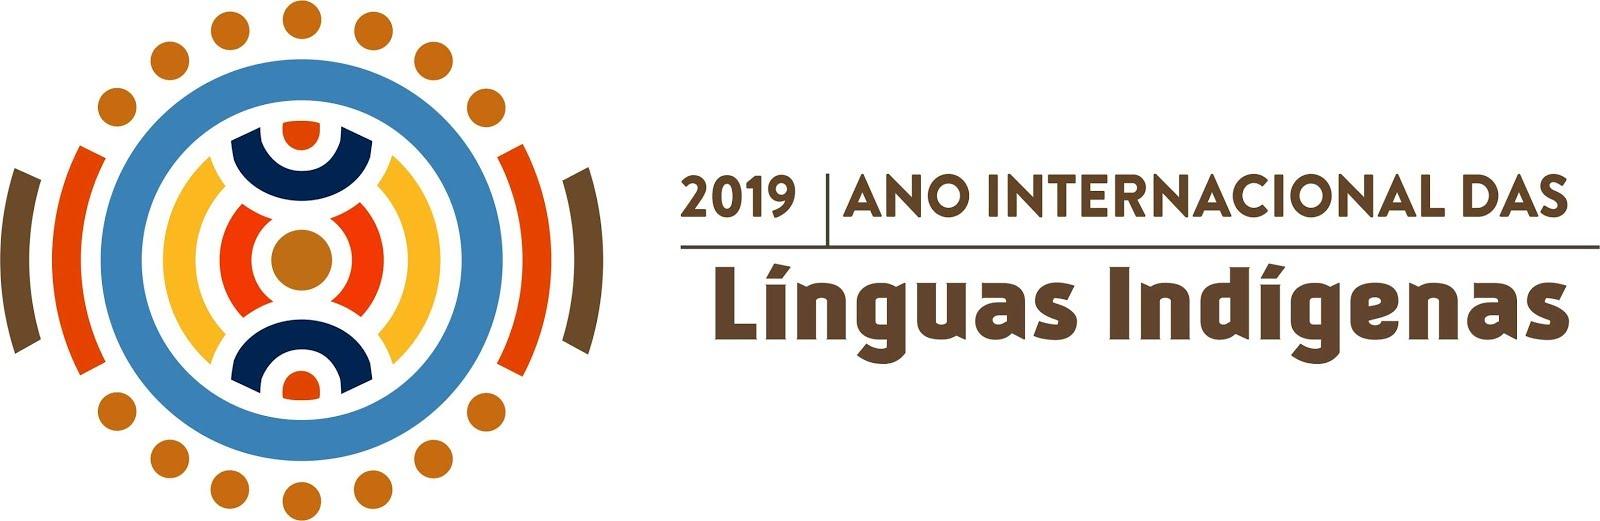 Ano das Línguas indíxenas